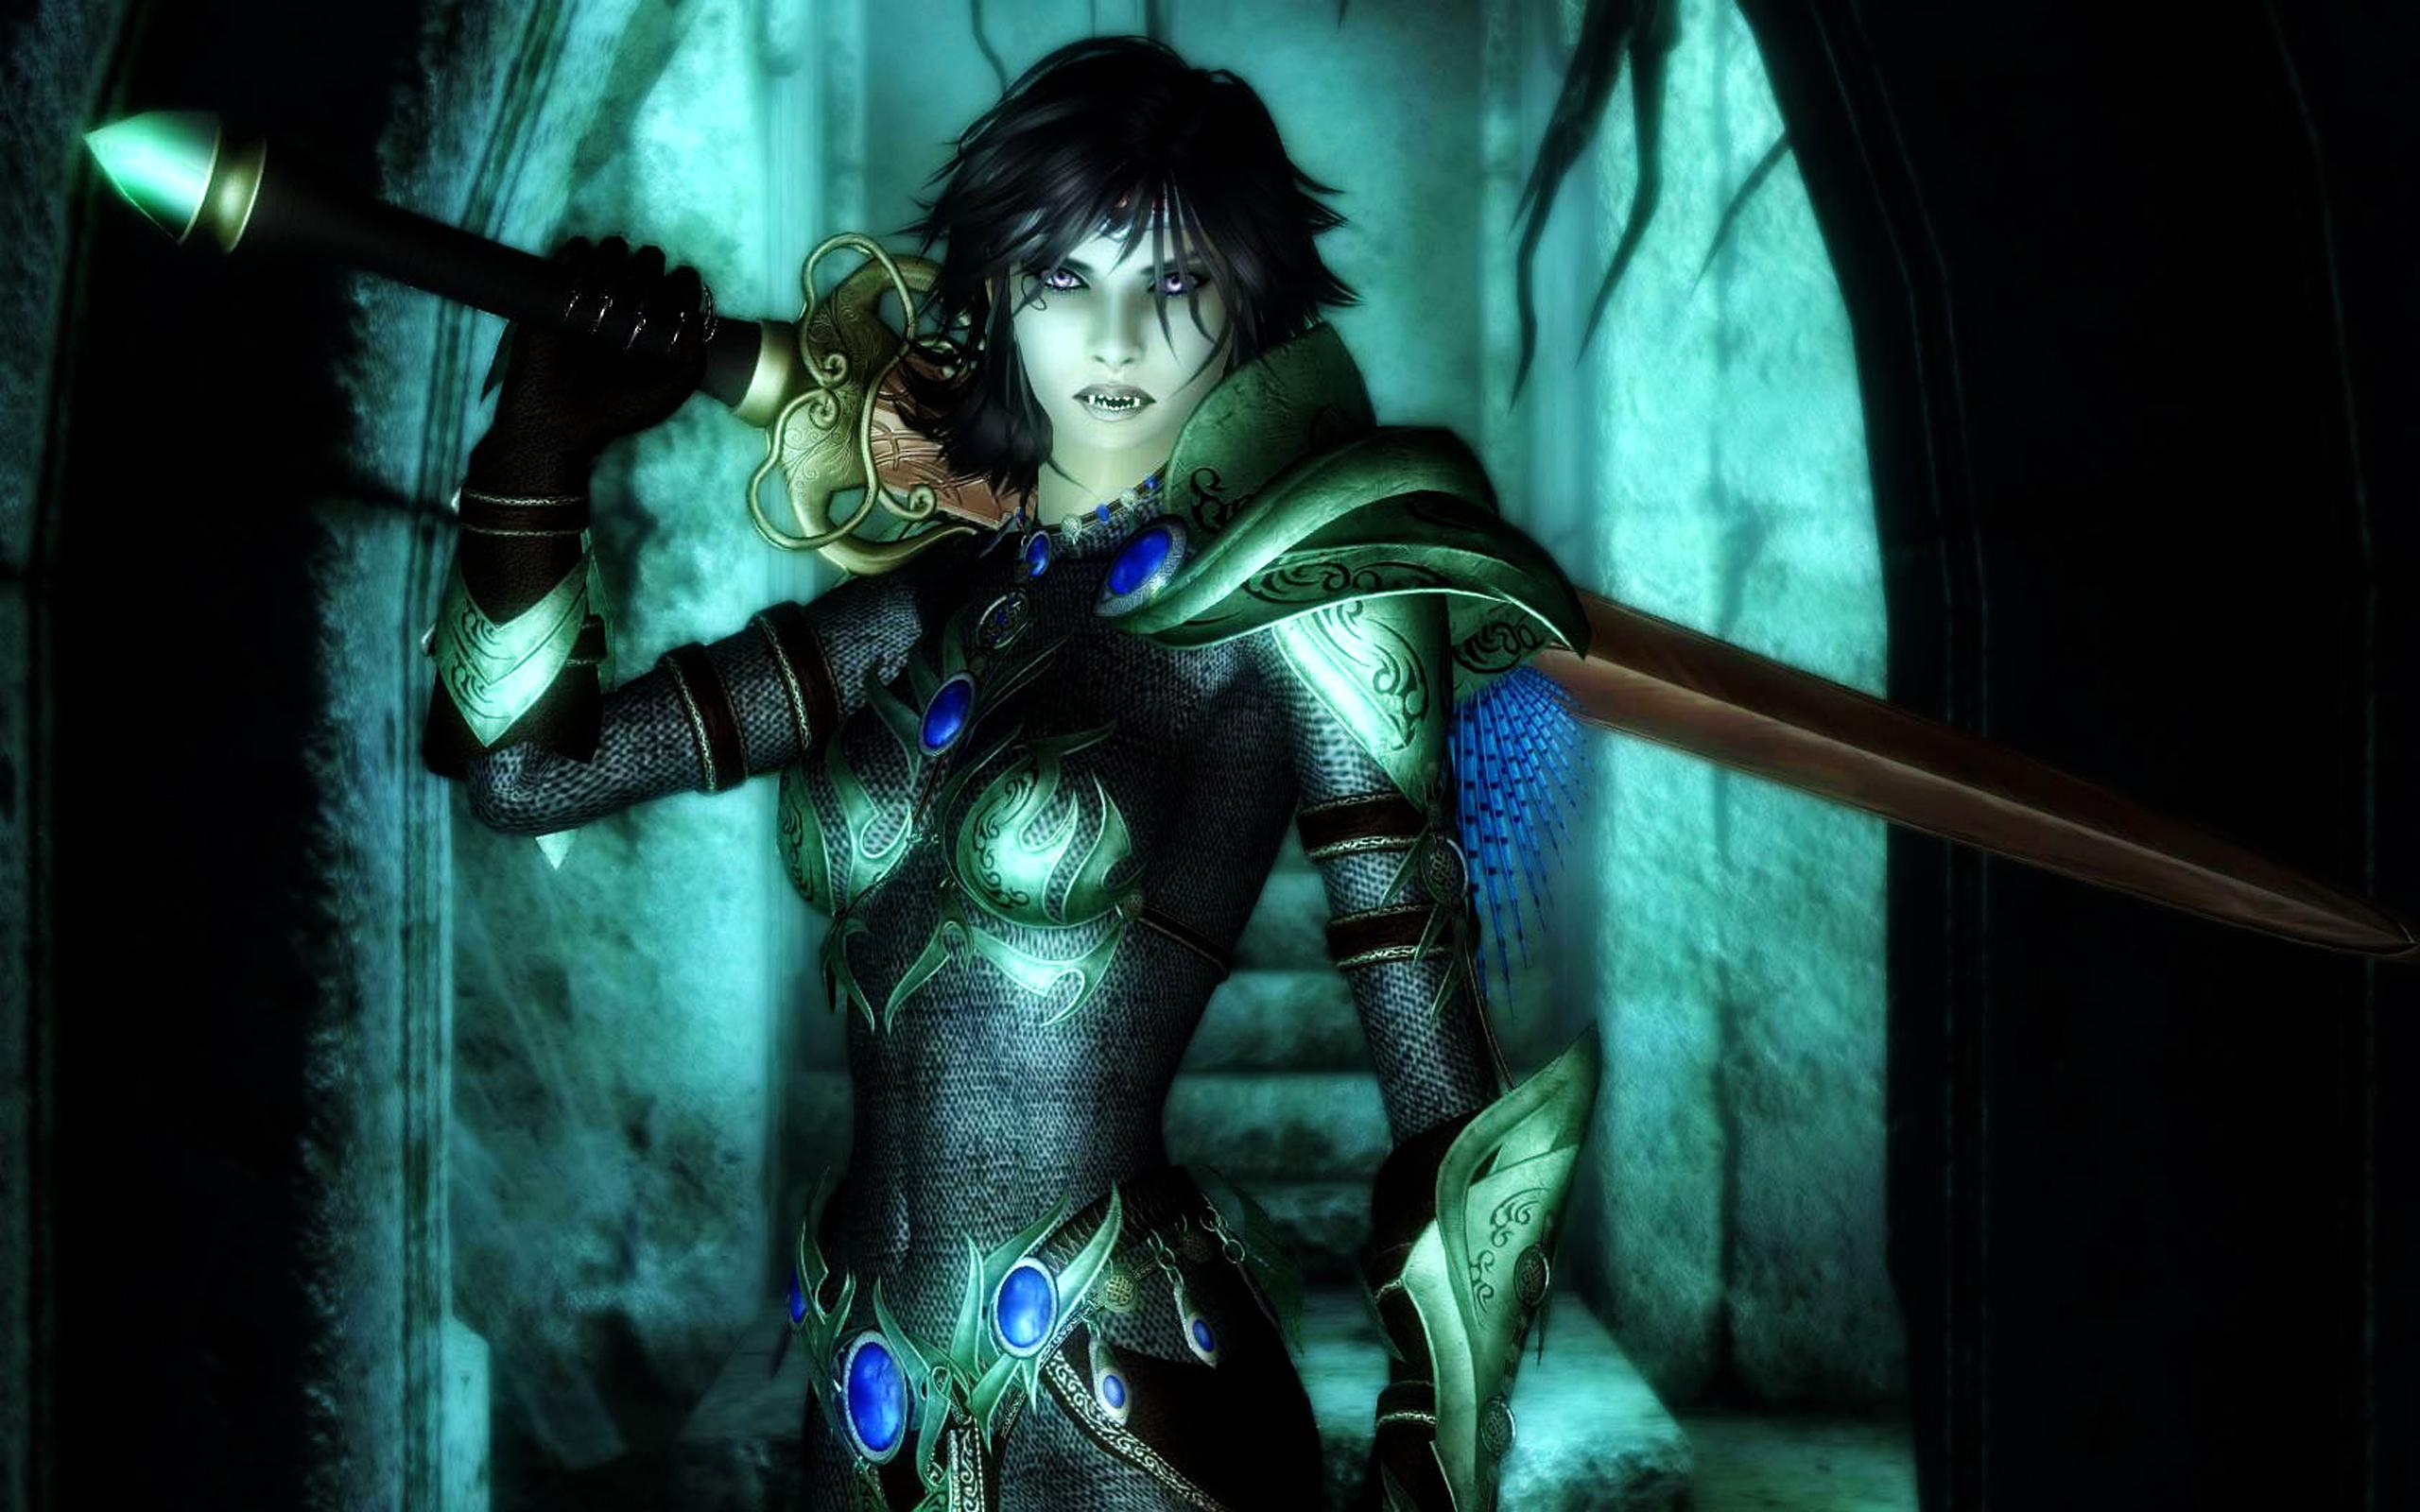 CGI - Vampier  - Armor Achtergrond